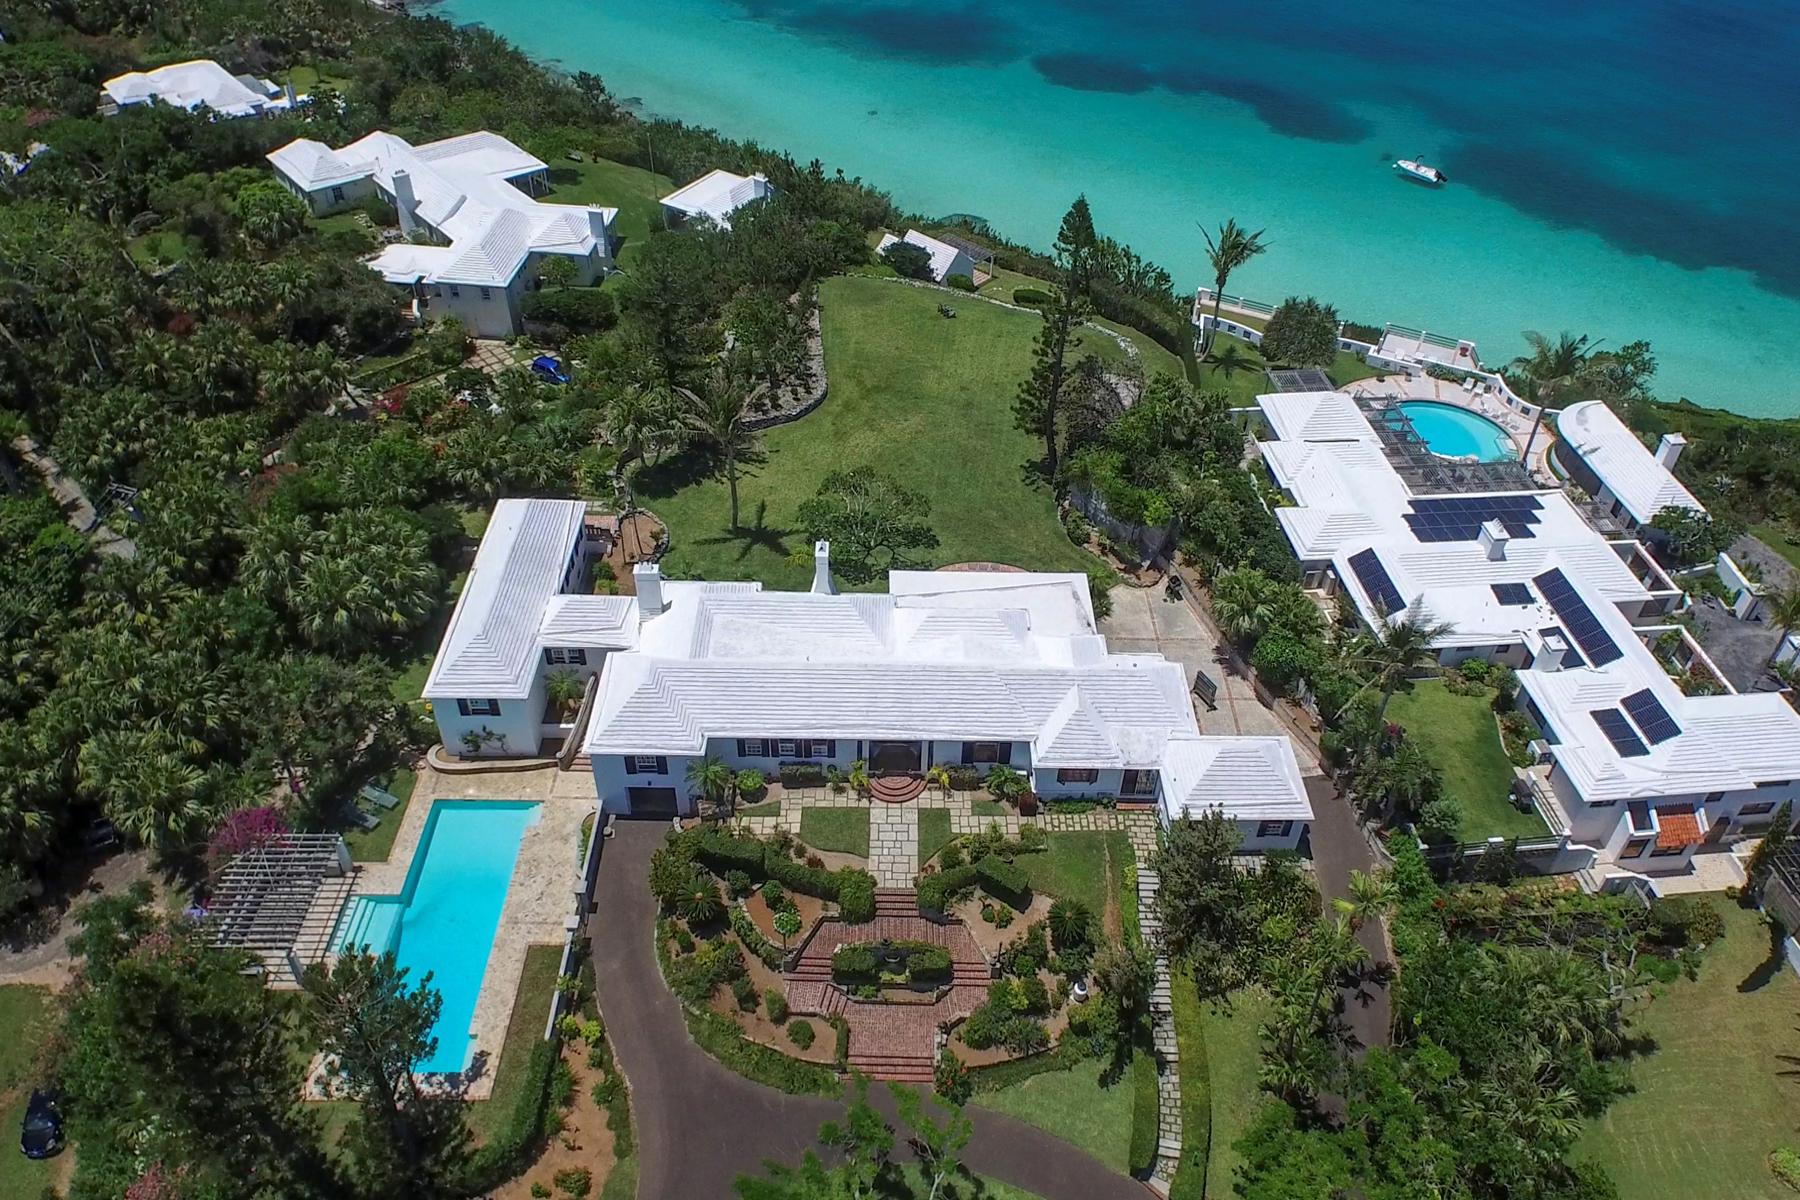 Single Family Home for Sale at Random Rocks 3 Green Bay Lane, Pembroke, HM01 Bermuda